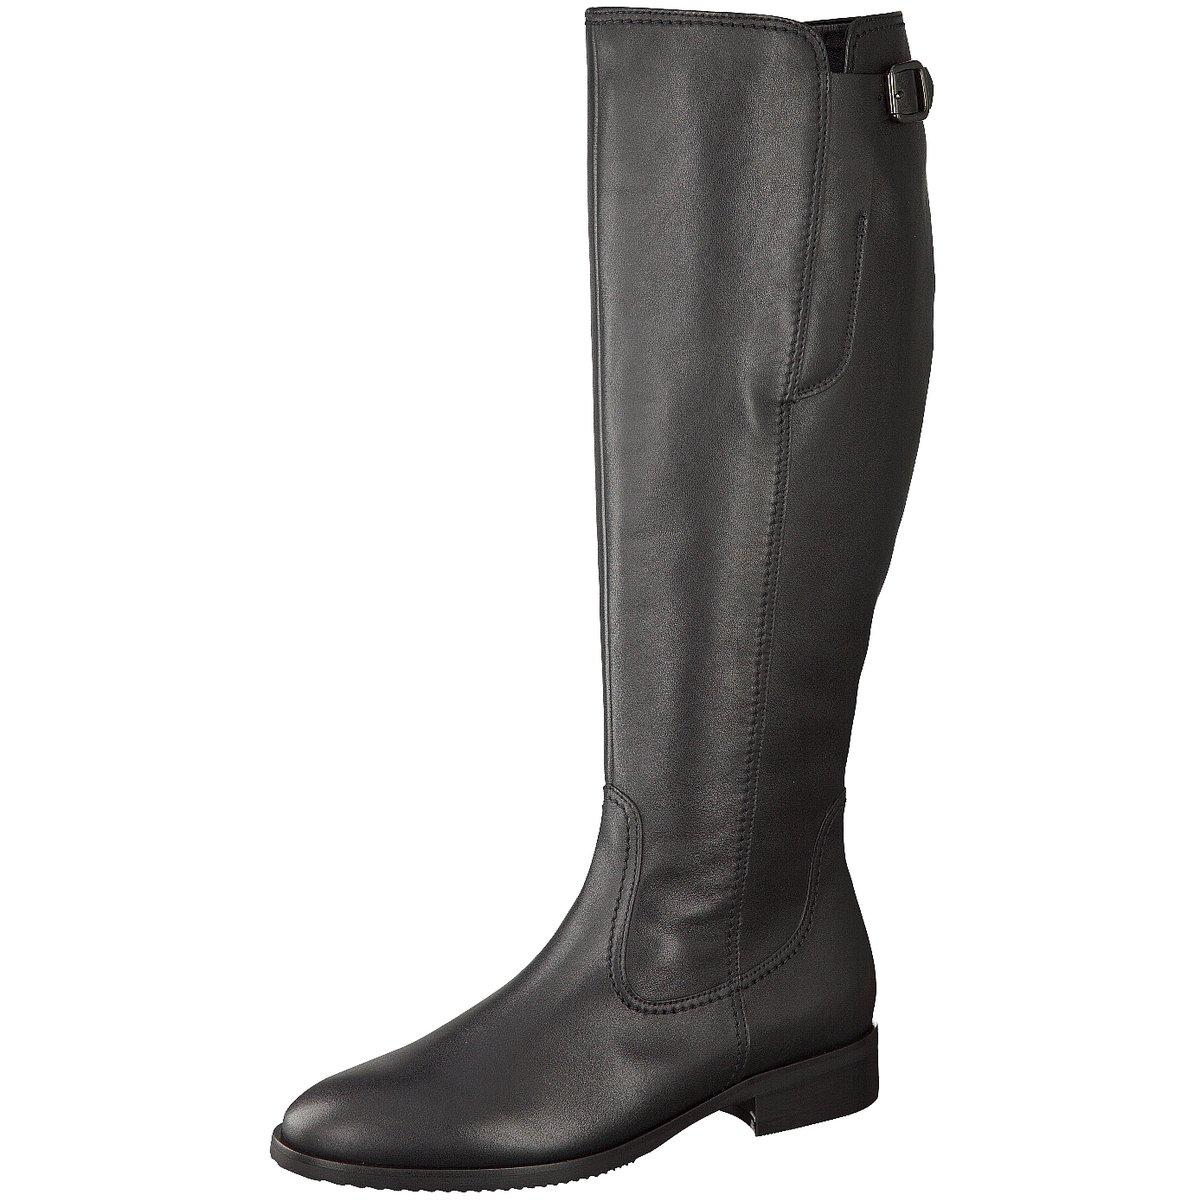 NEU Gabor Damen Stiefel Schaftweite XL 72.758.57 schwarz 355500   eBay 5a8ee2a18f